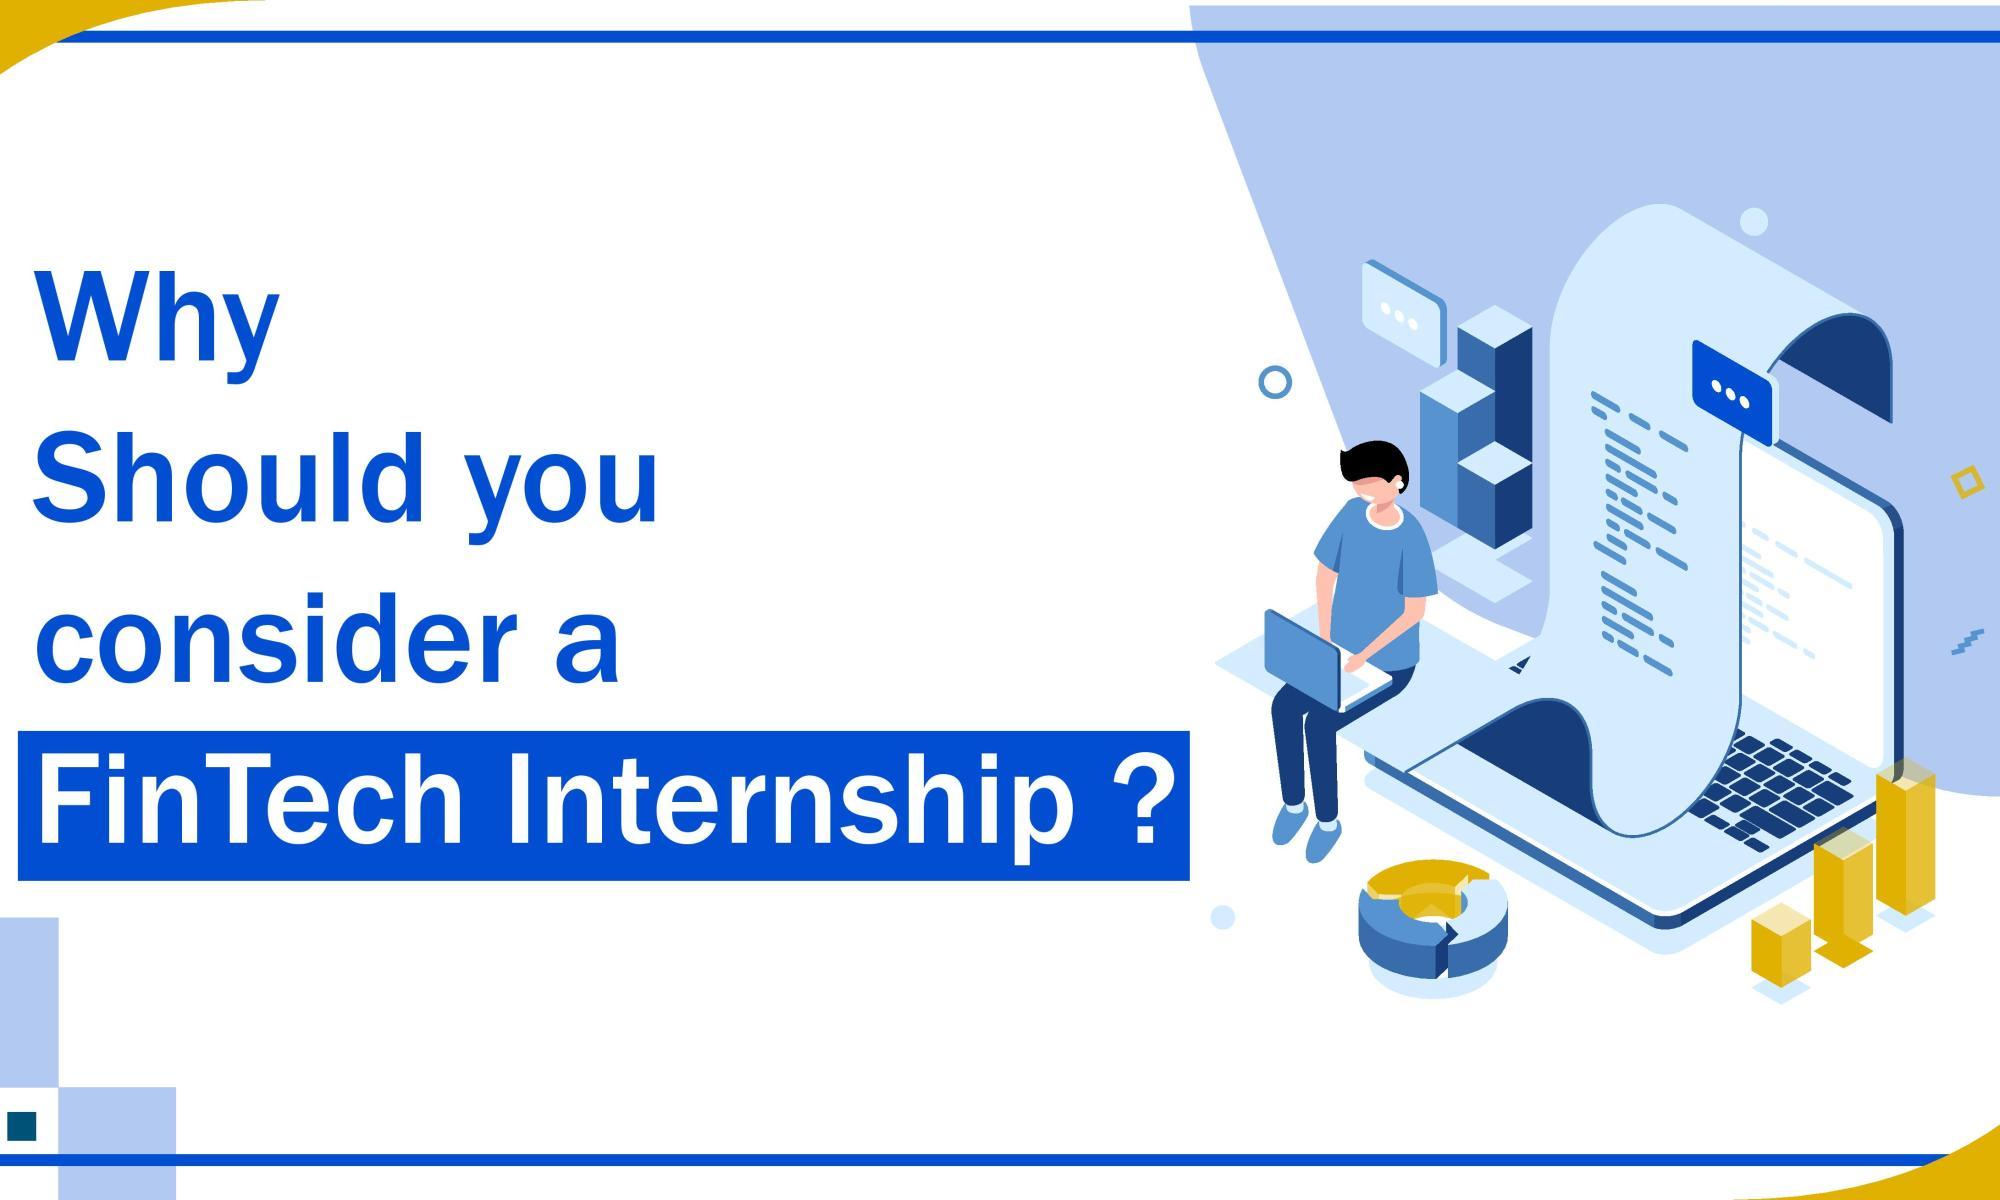 FinTech Internship